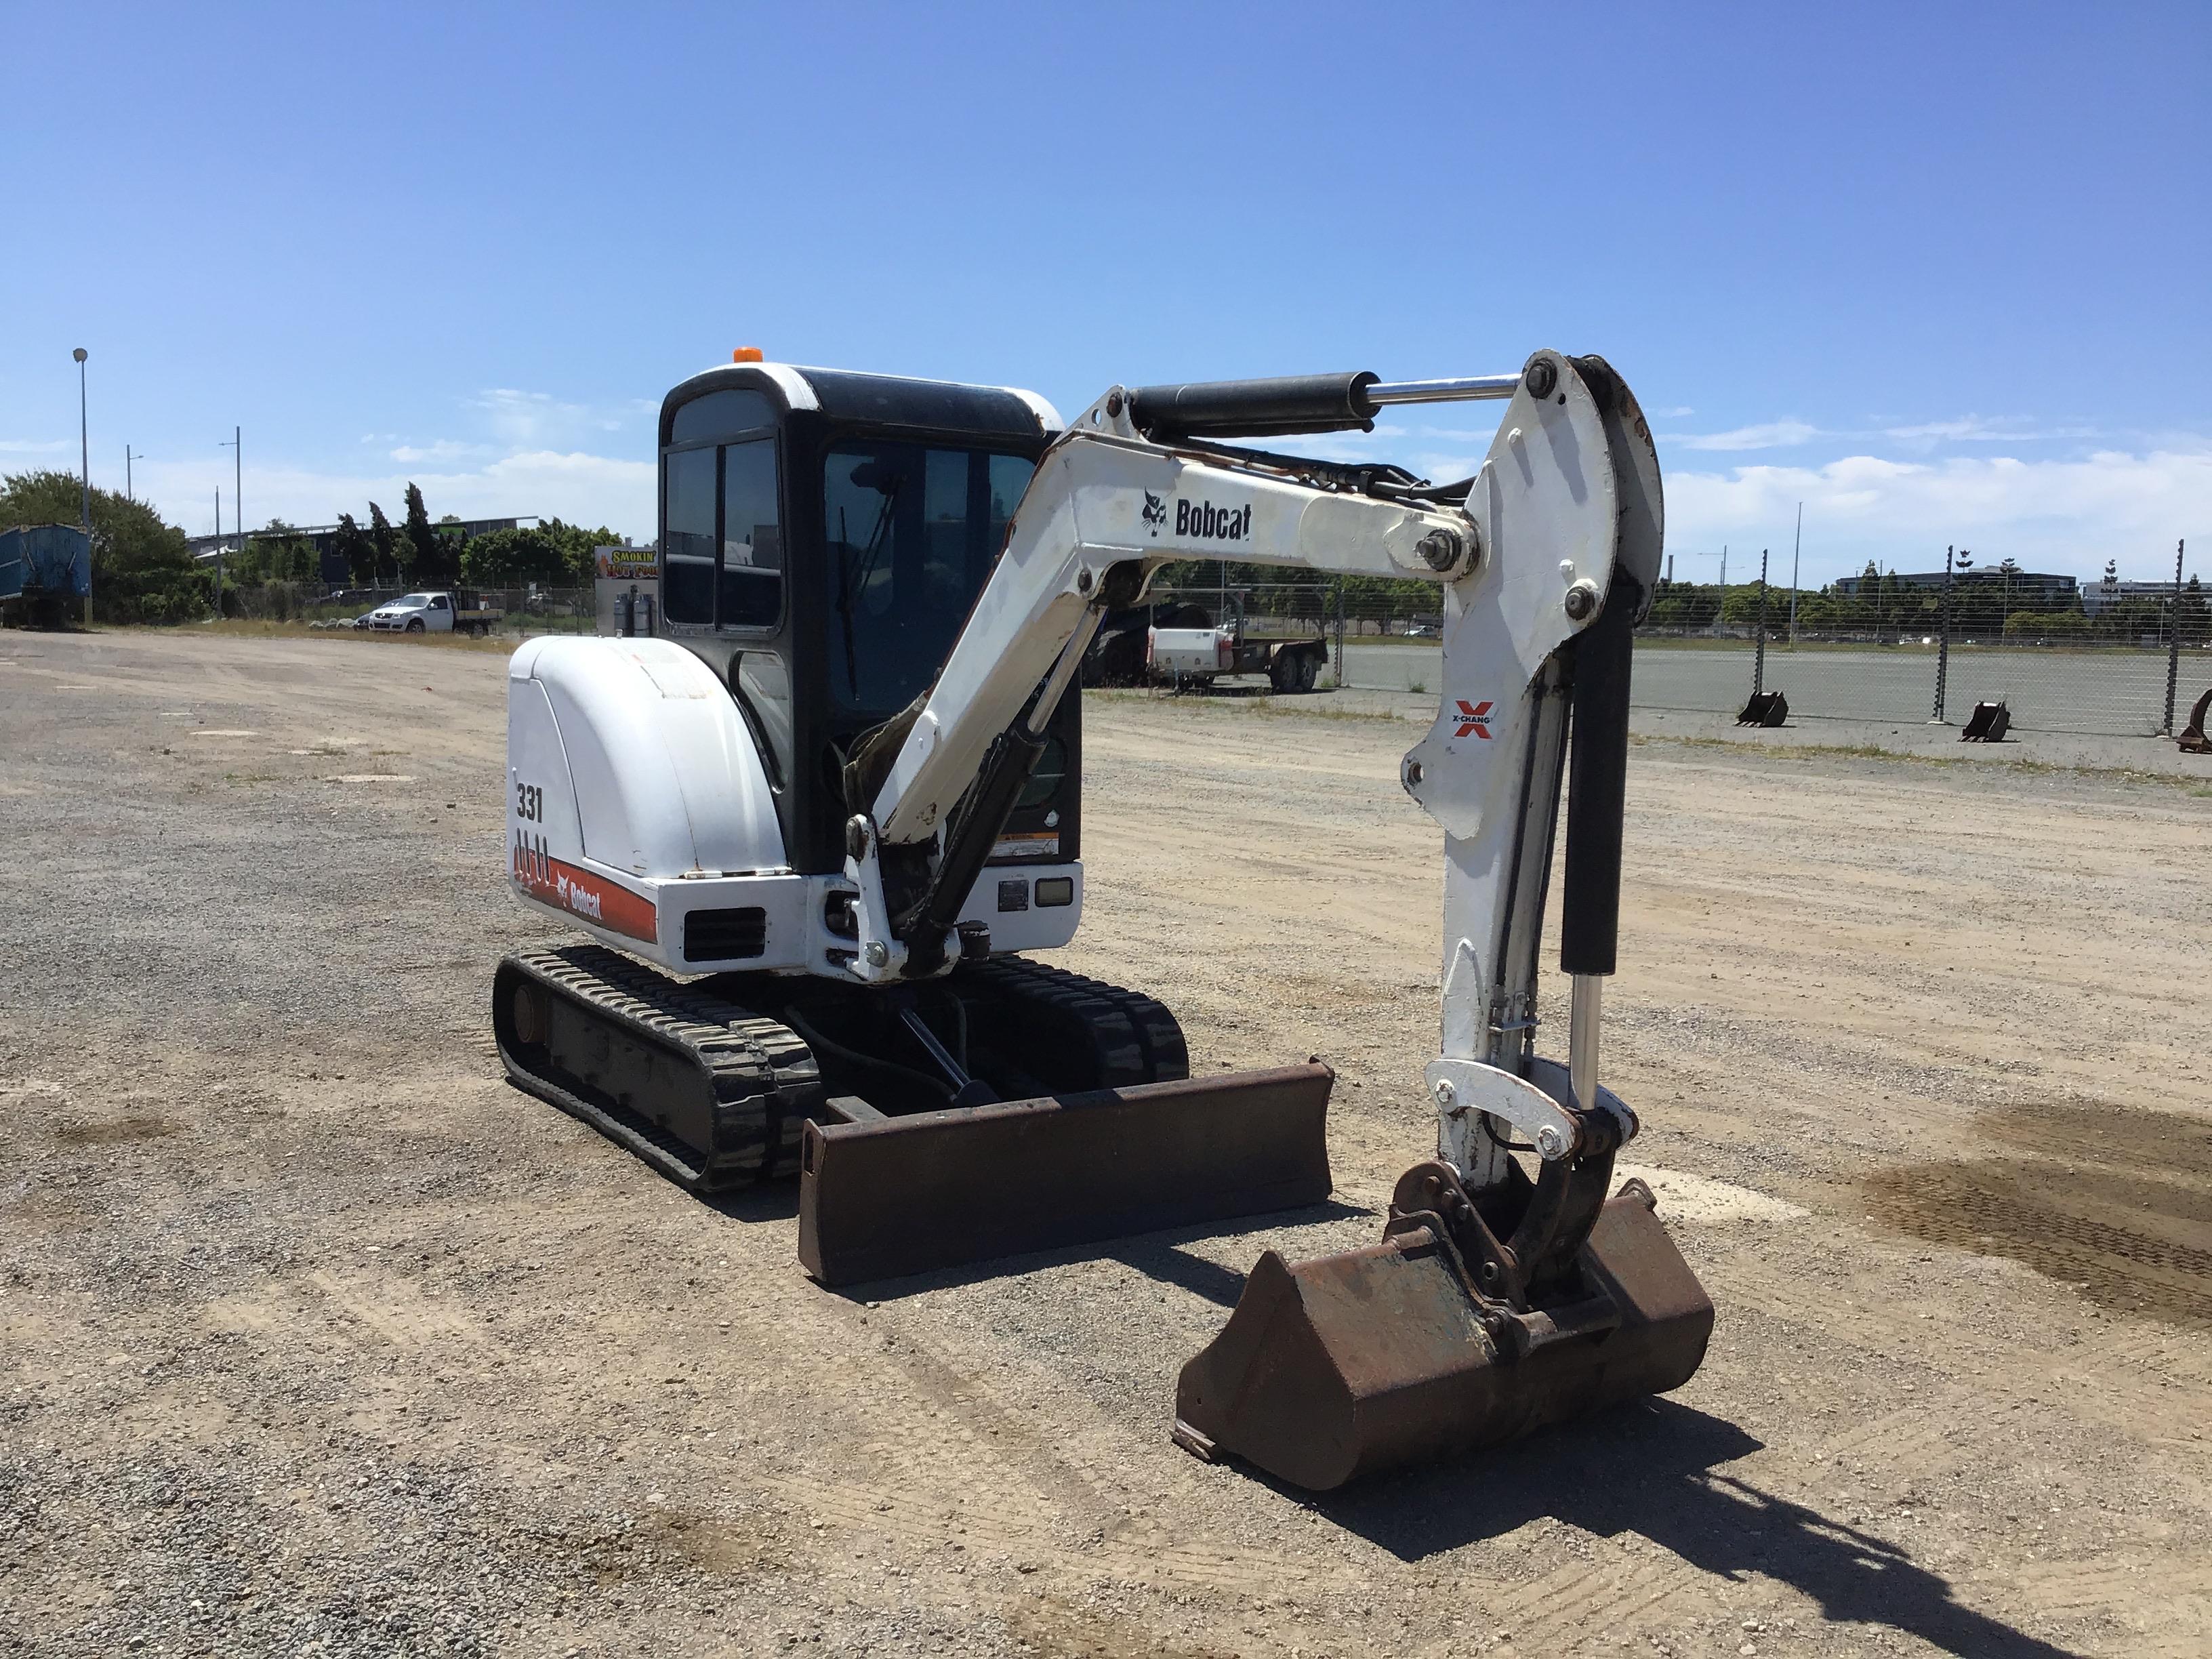 2005 Bobcat Compact Excavator Model 331 Diesel